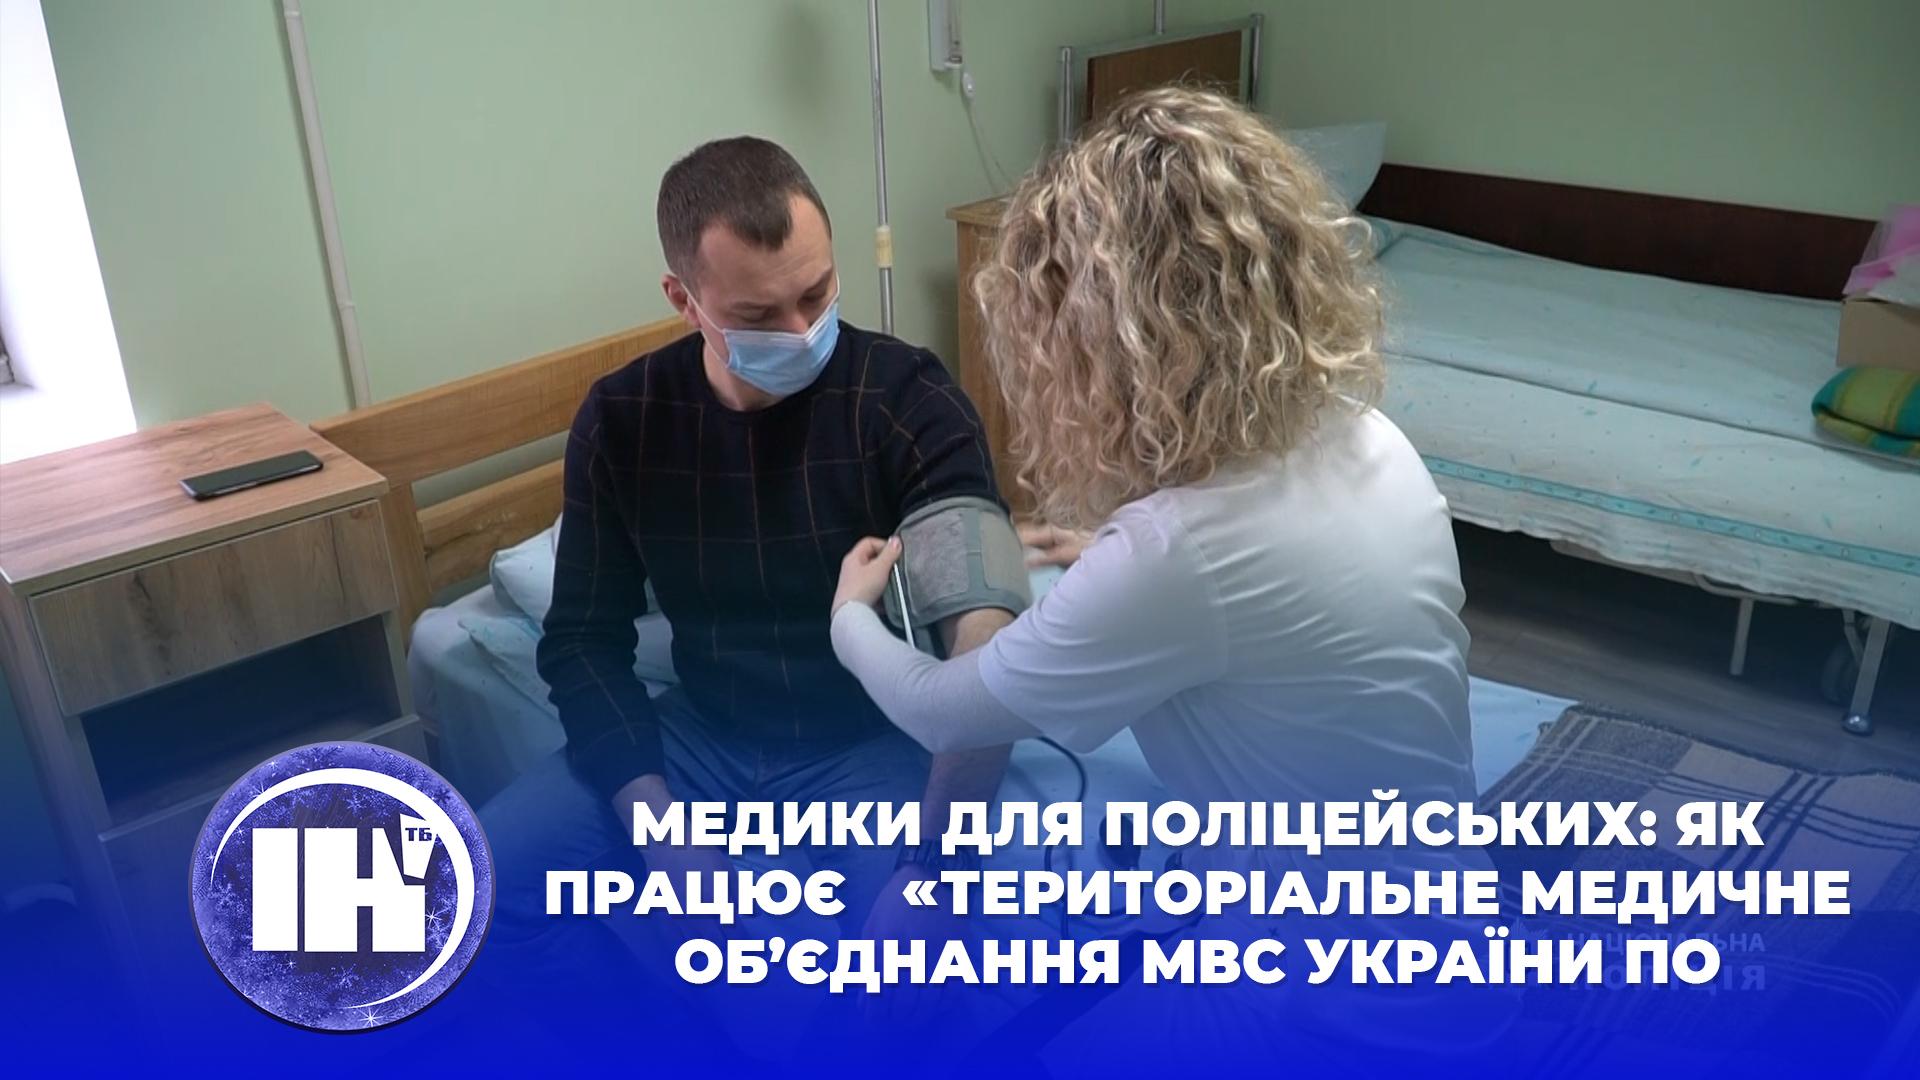 Медики для поліцейських: як працює  «Територіальне медичне об'єднання МВС України по Тернопільській області»